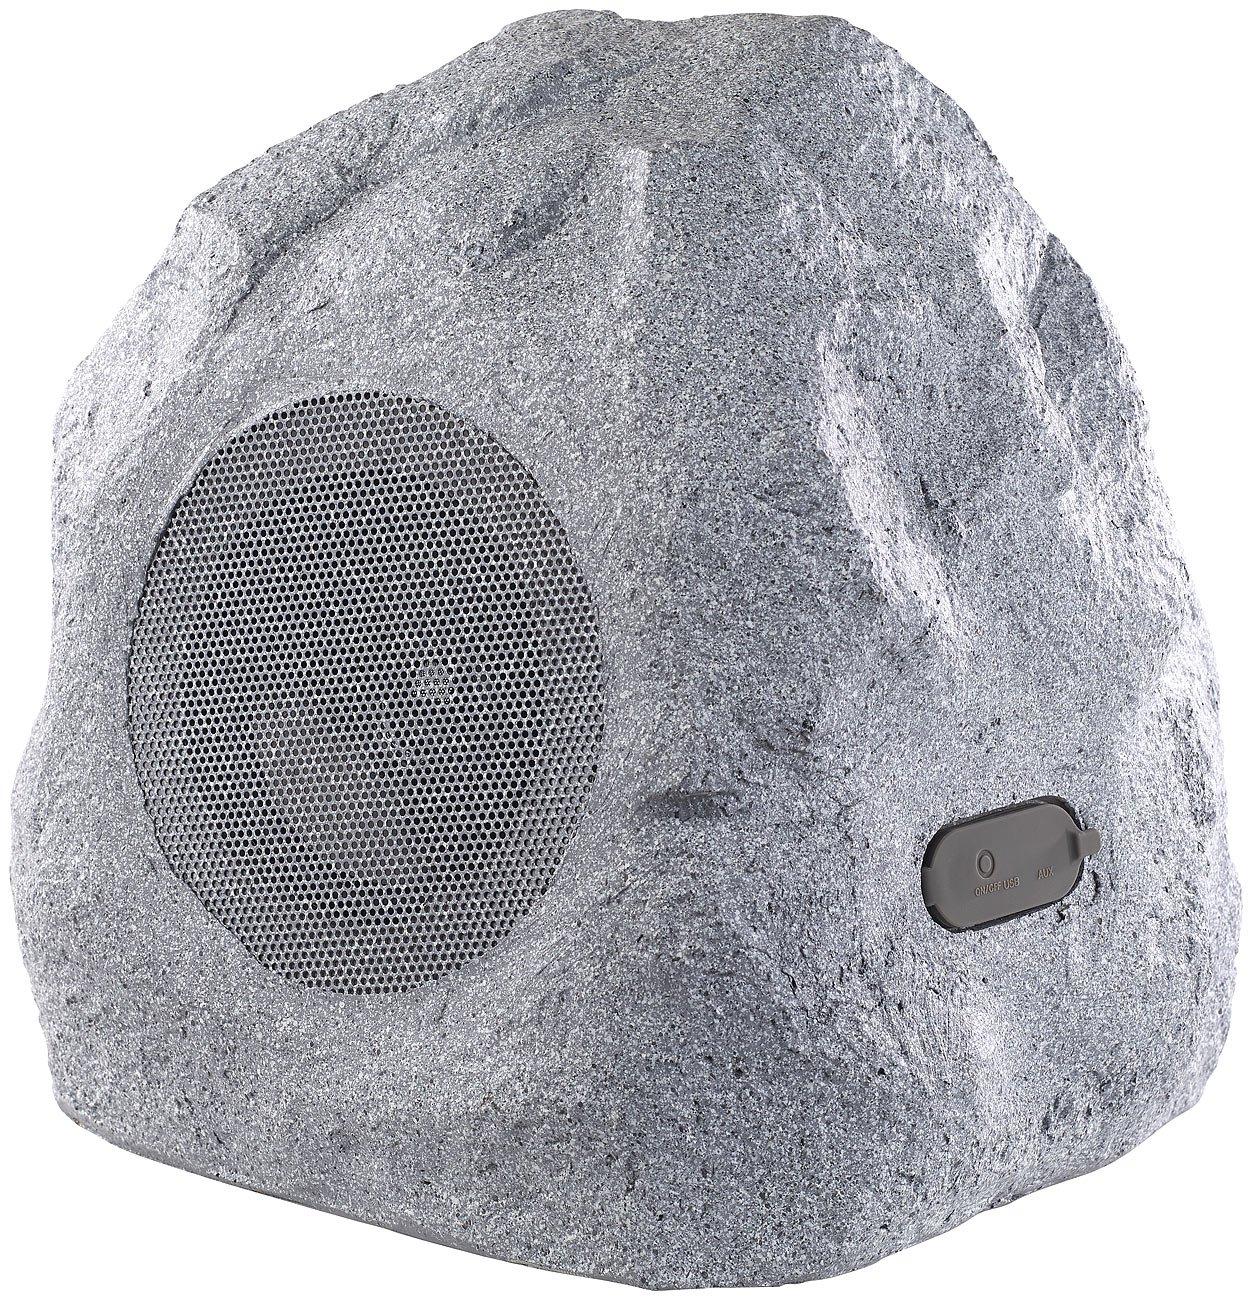 Auvisio - Altavoz para jardín (Bluetooth, 30 W, IPX4, con Bluetooth), diseño de piedra: Amazon.es: Electrónica